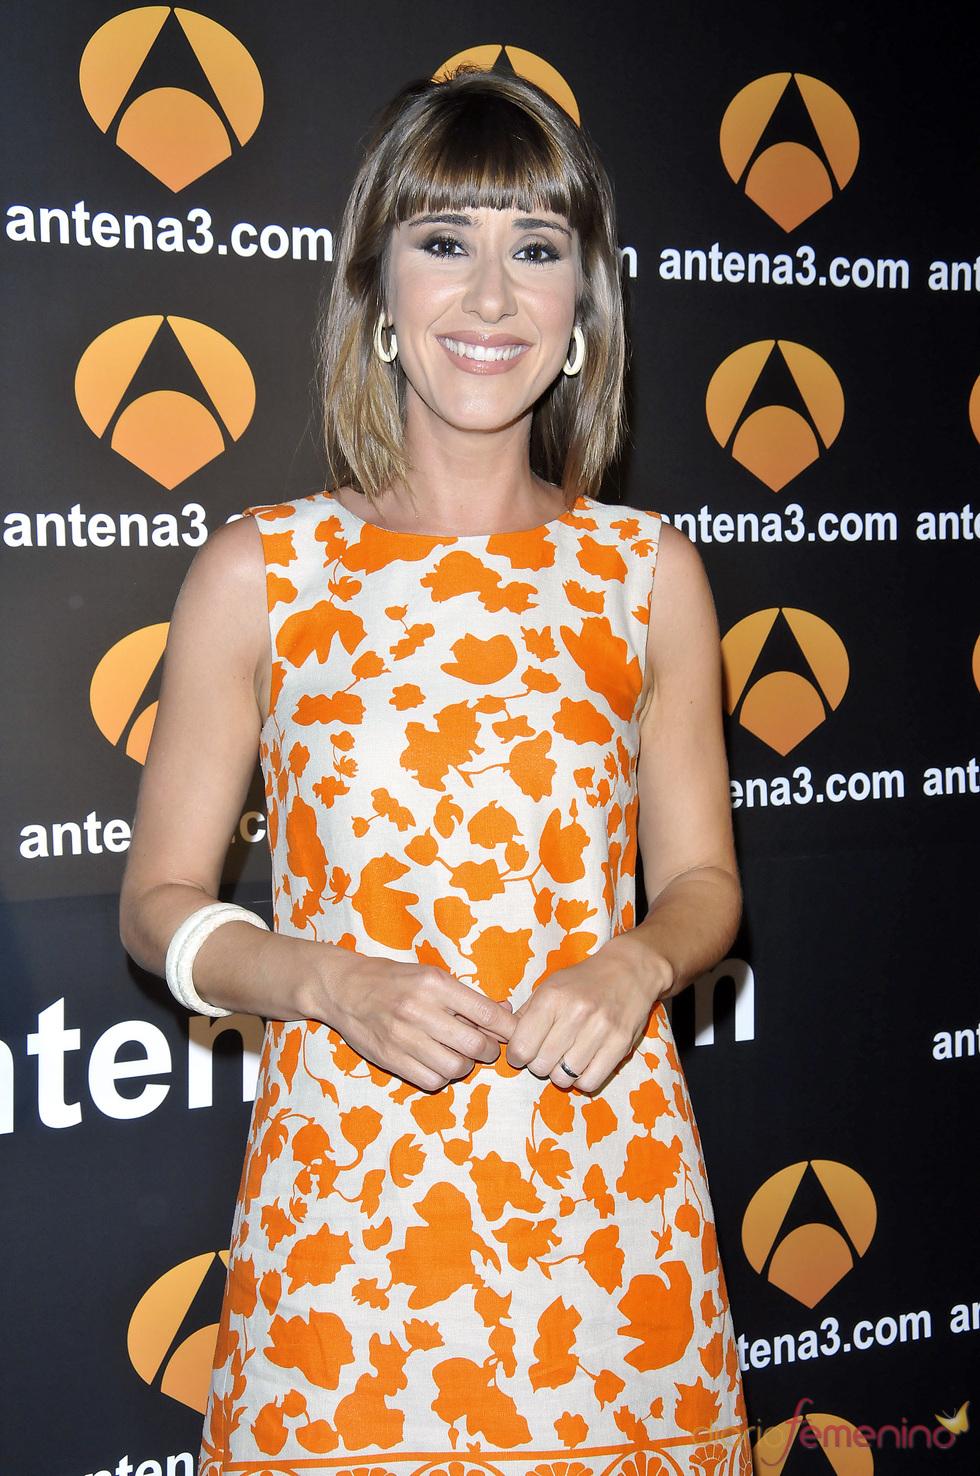 Sandra Daviú comparte las uvas con nosotros en Antena 3